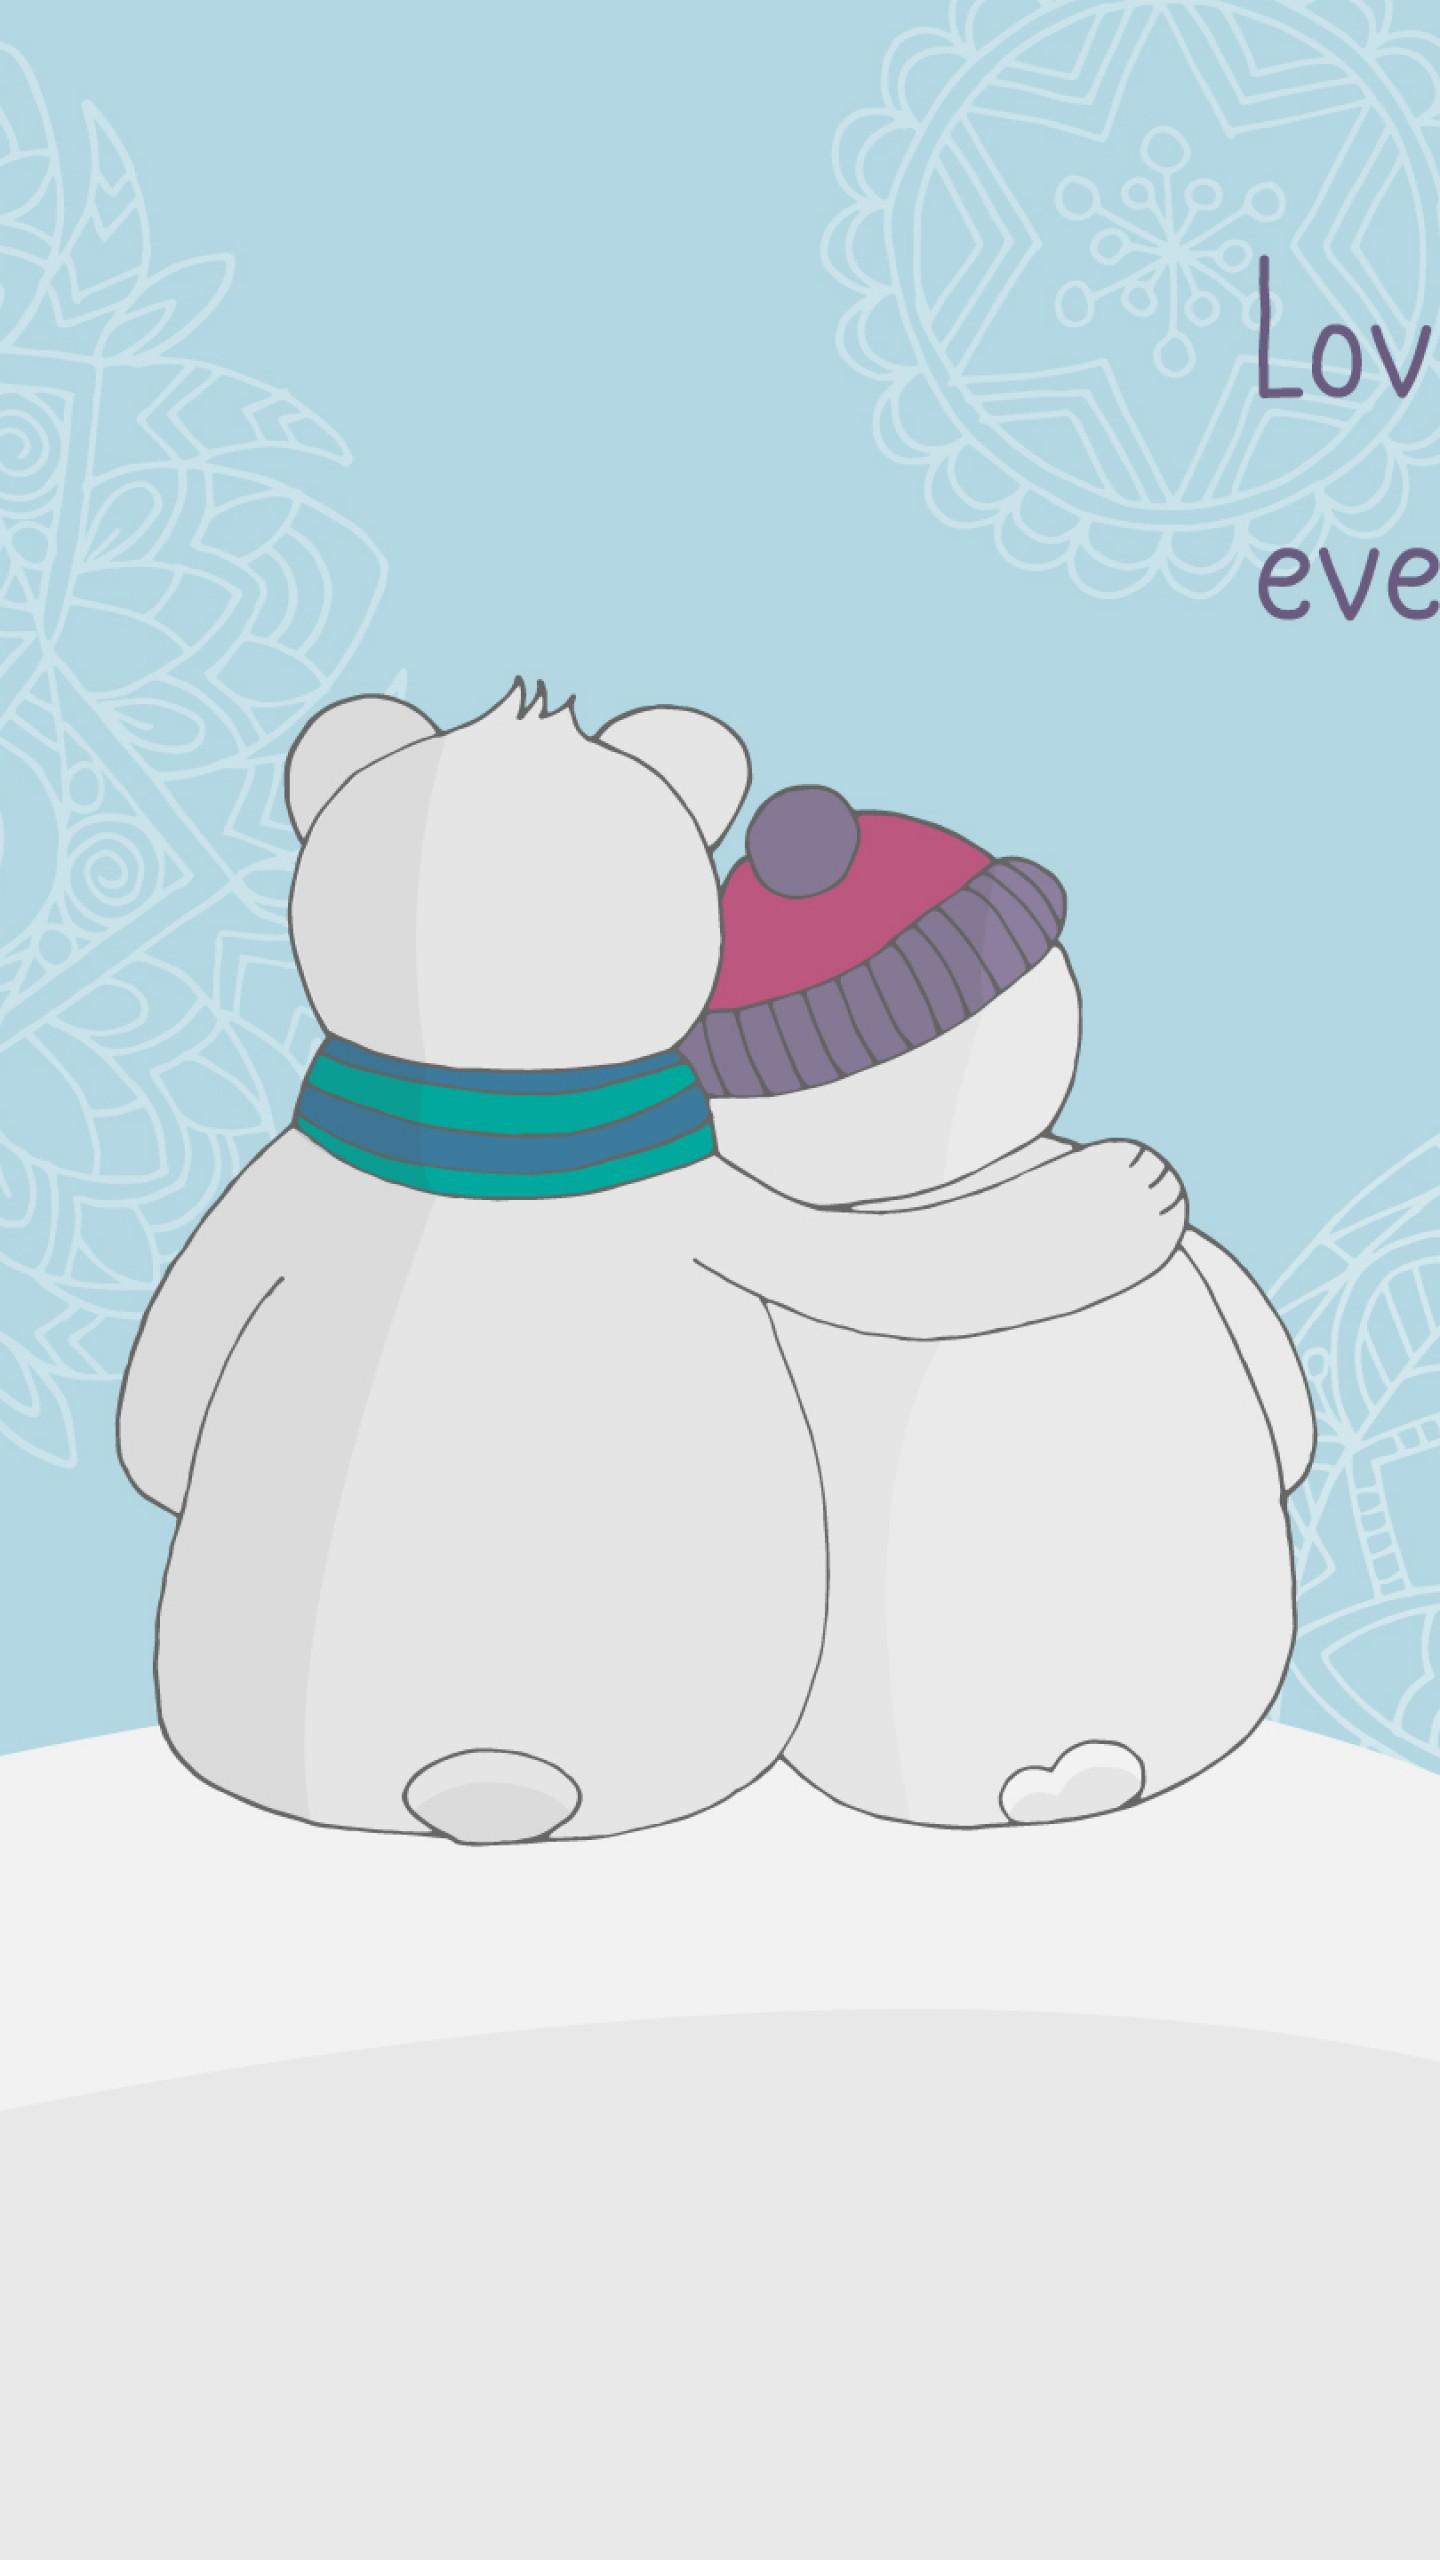 عکس زمینه دو آدم برفی با آغوش گرم در زمستان پس زمینه